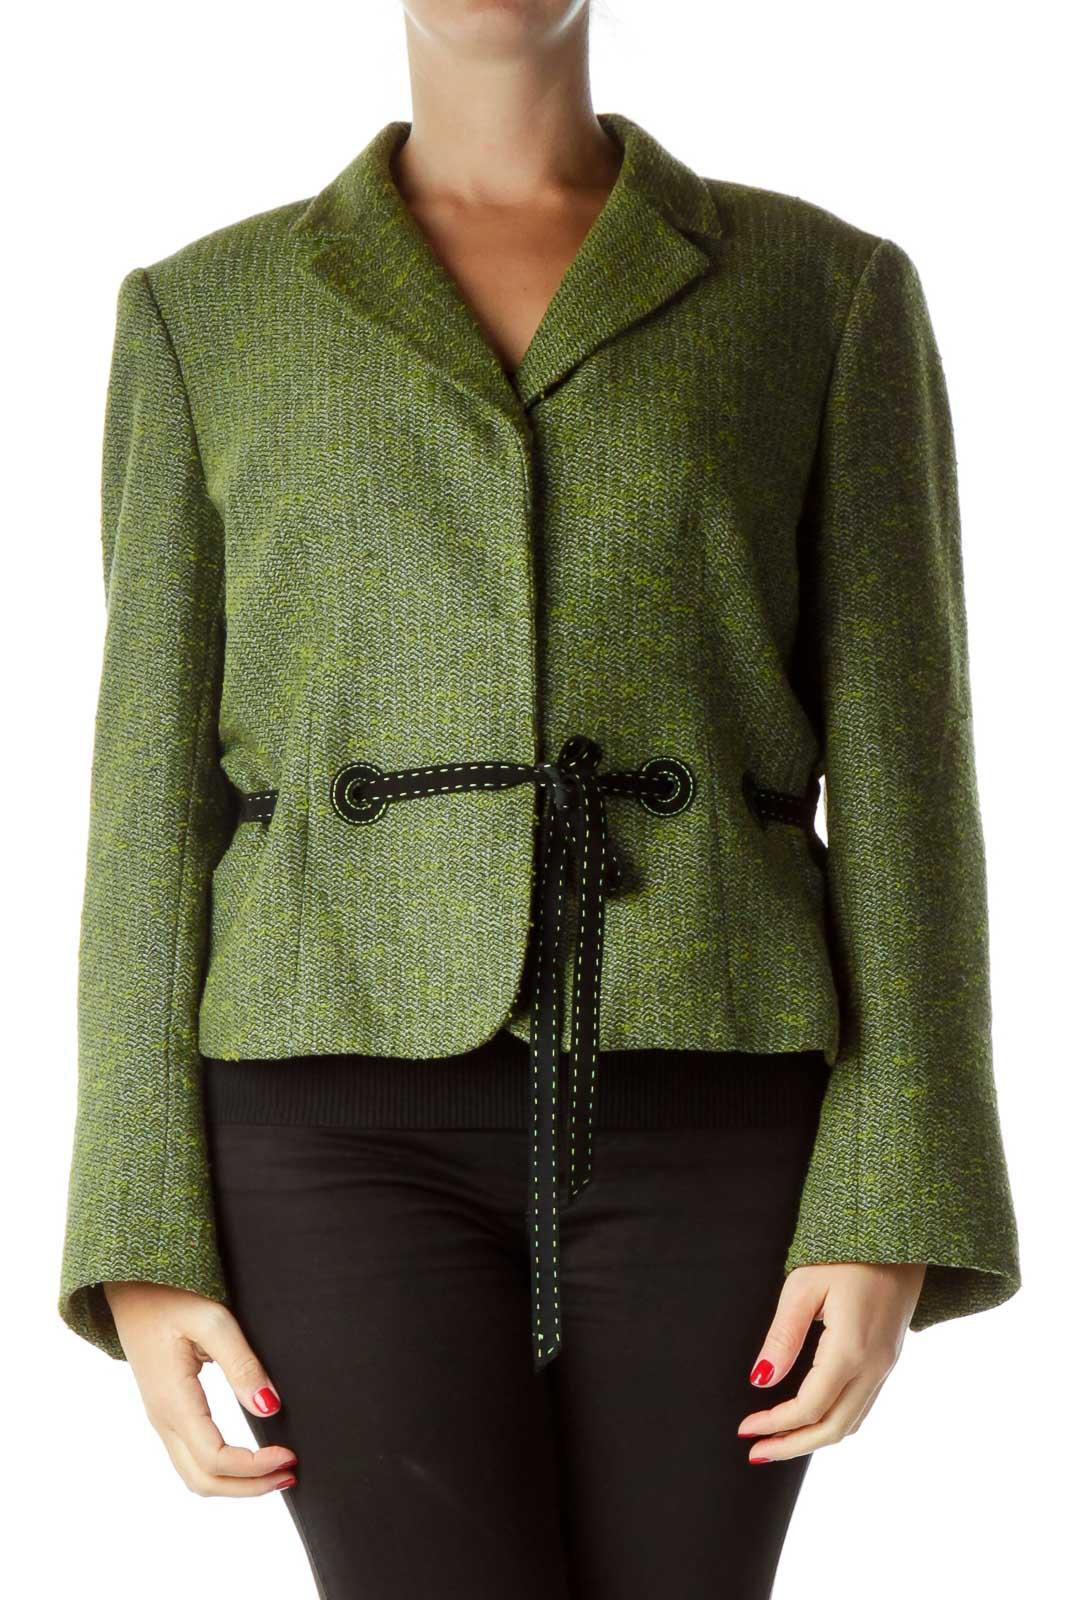 Green Tweed Suit Jacket Front